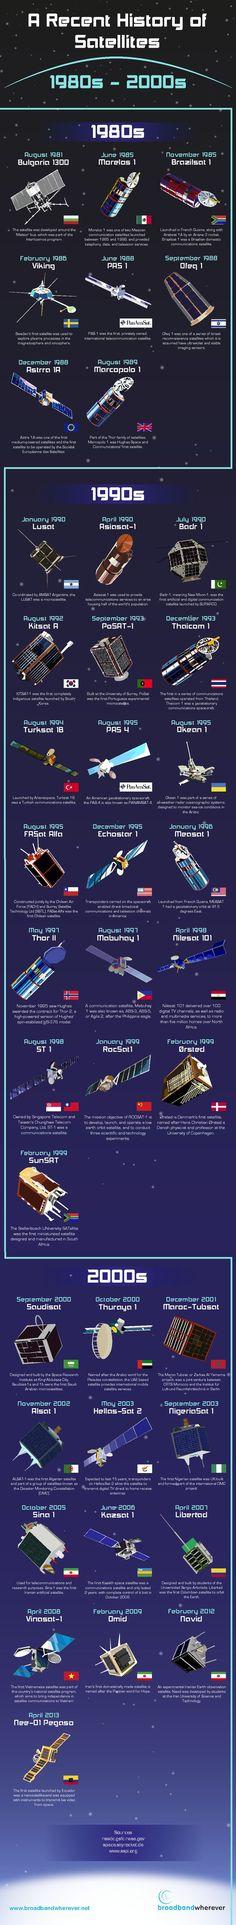 Histoire récente des satellites